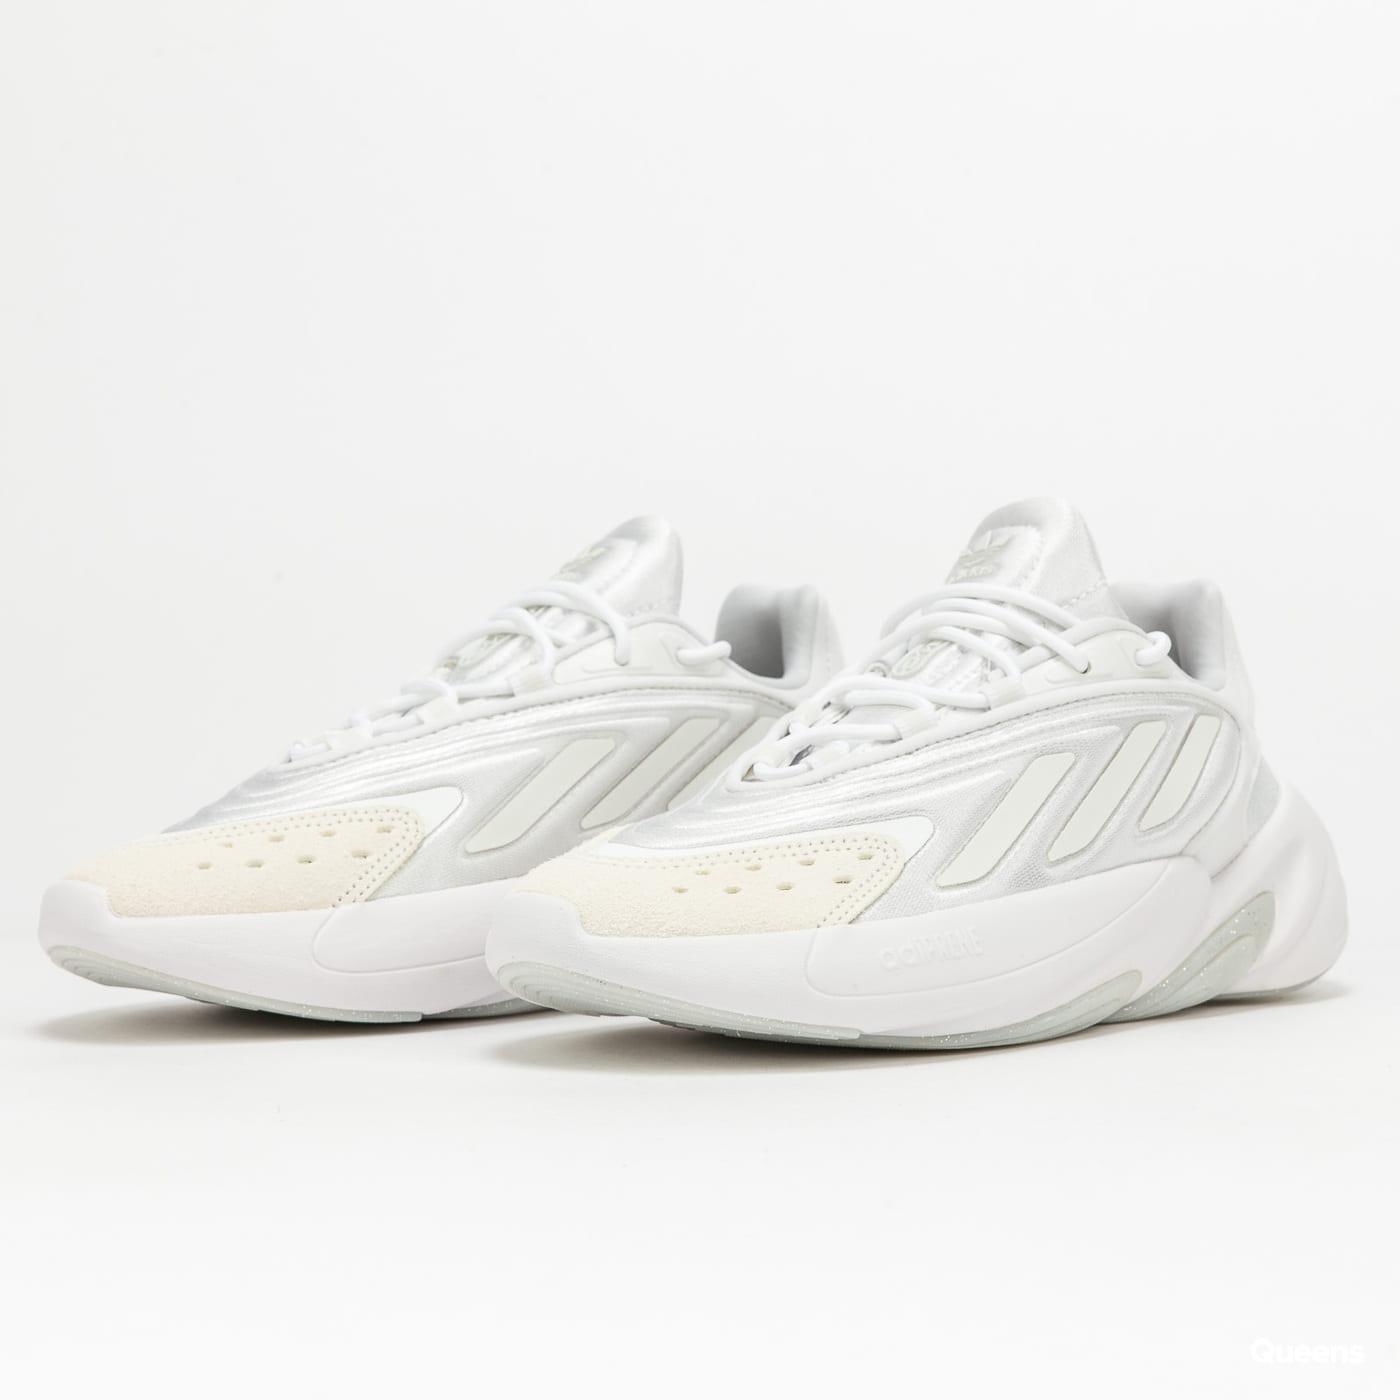 adidas Originals Ozelia W ftwwht / ftwwht / crywht